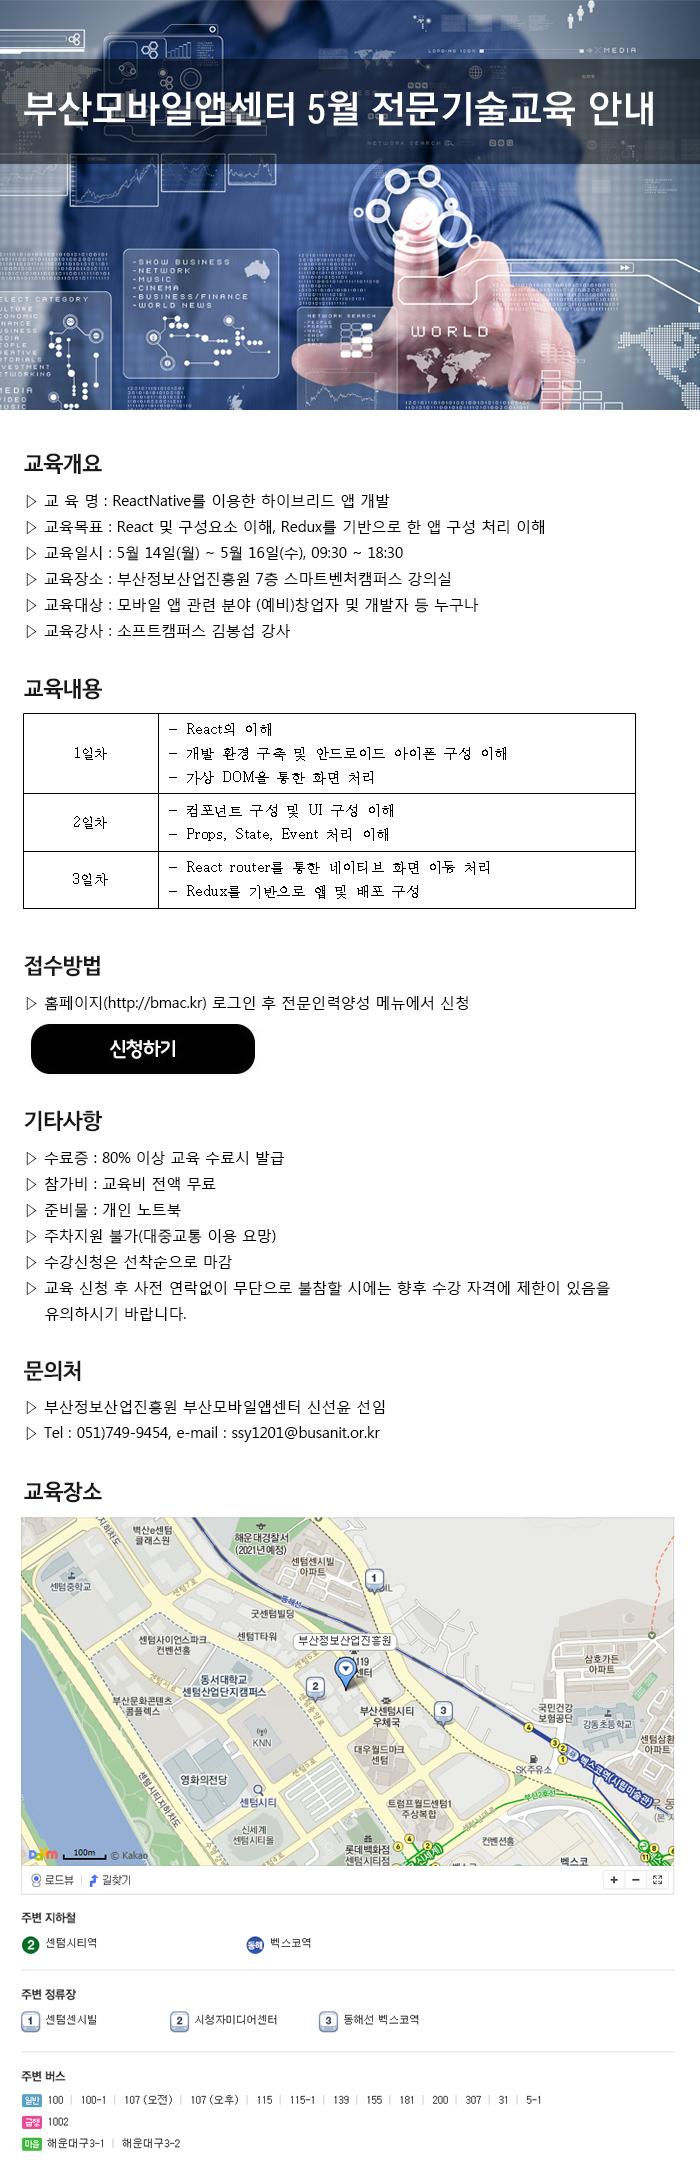 부산모바일앱센터 5월 전문기술교육 안내